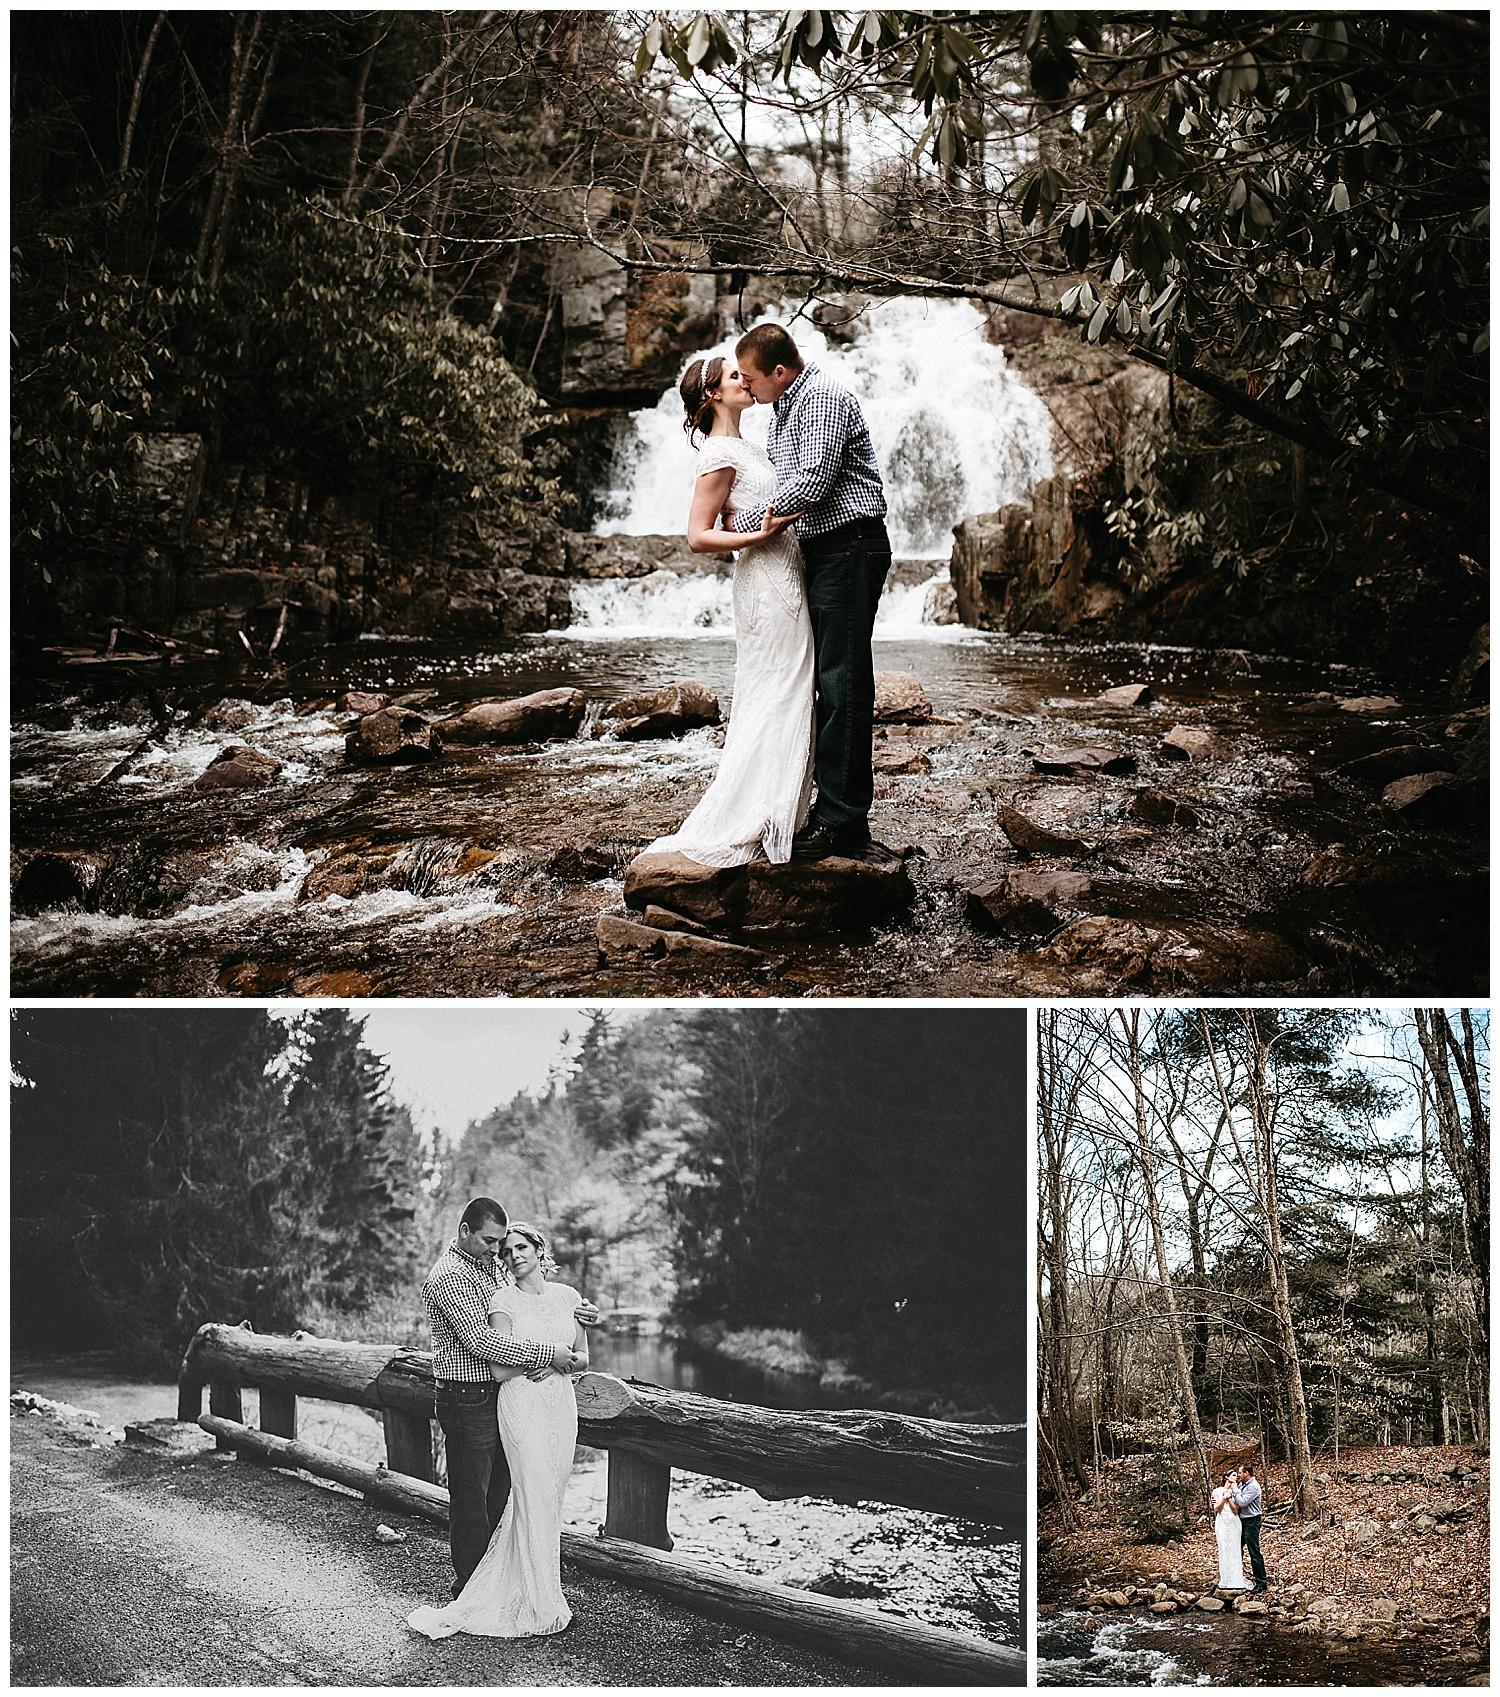 NEPA-Wedding-Engagement-photographer-hickory-run-state-park-hawk-falls-elopement_0031.jpg